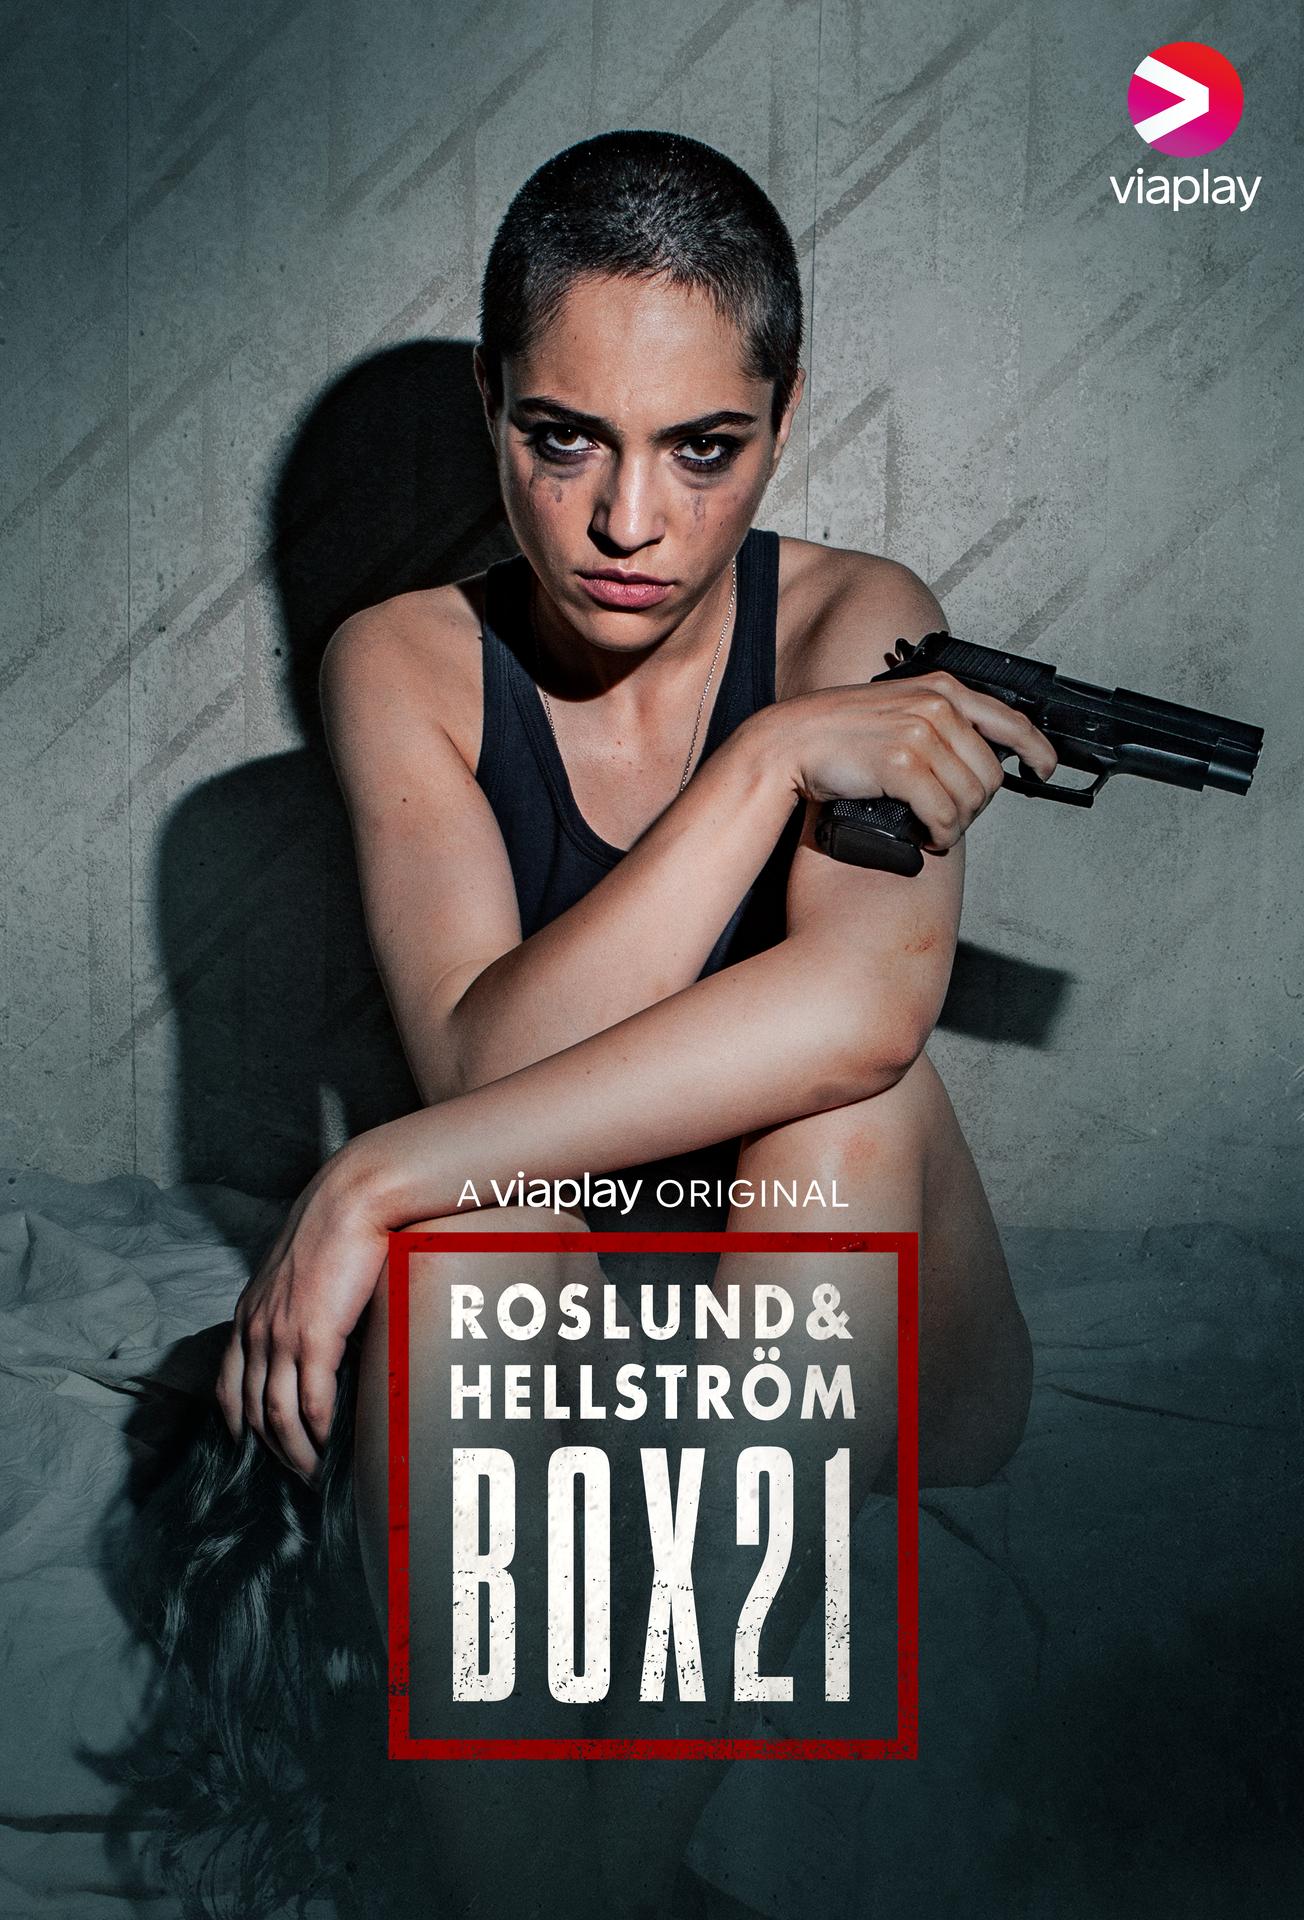 Roslund & Hellström: Box 21 (έως S01E02)